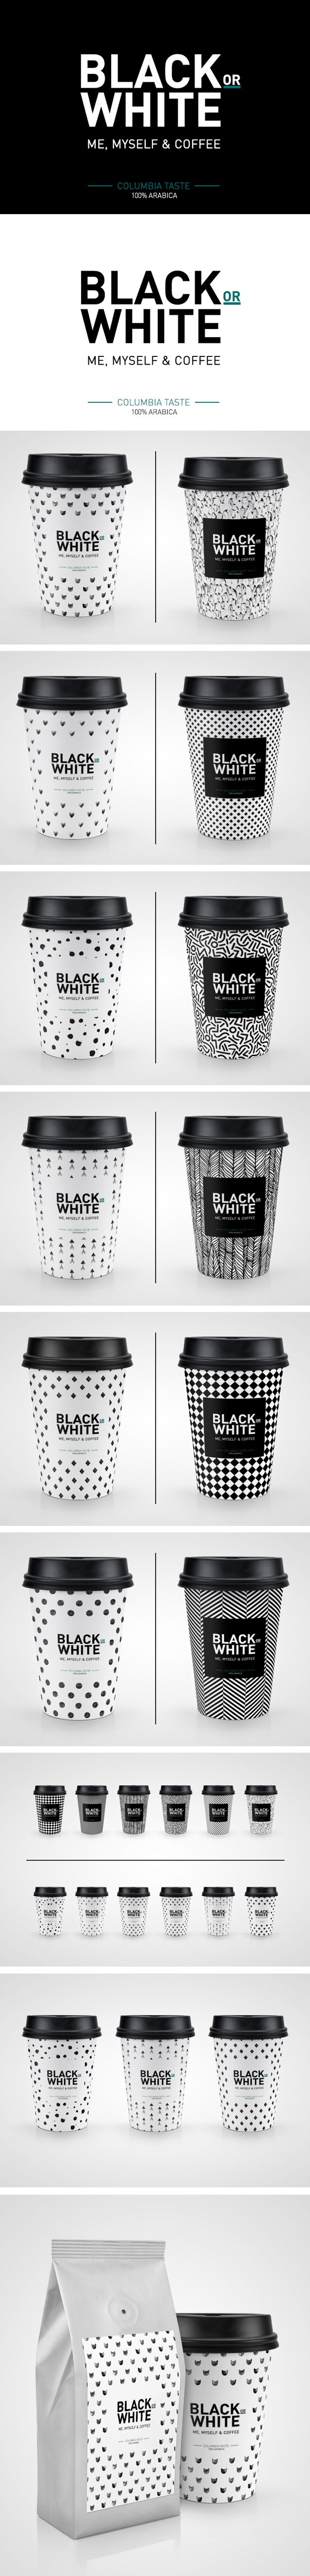 https://www.behance.net/gallery/23414481/Black-or-White-Coffee-Mock-up